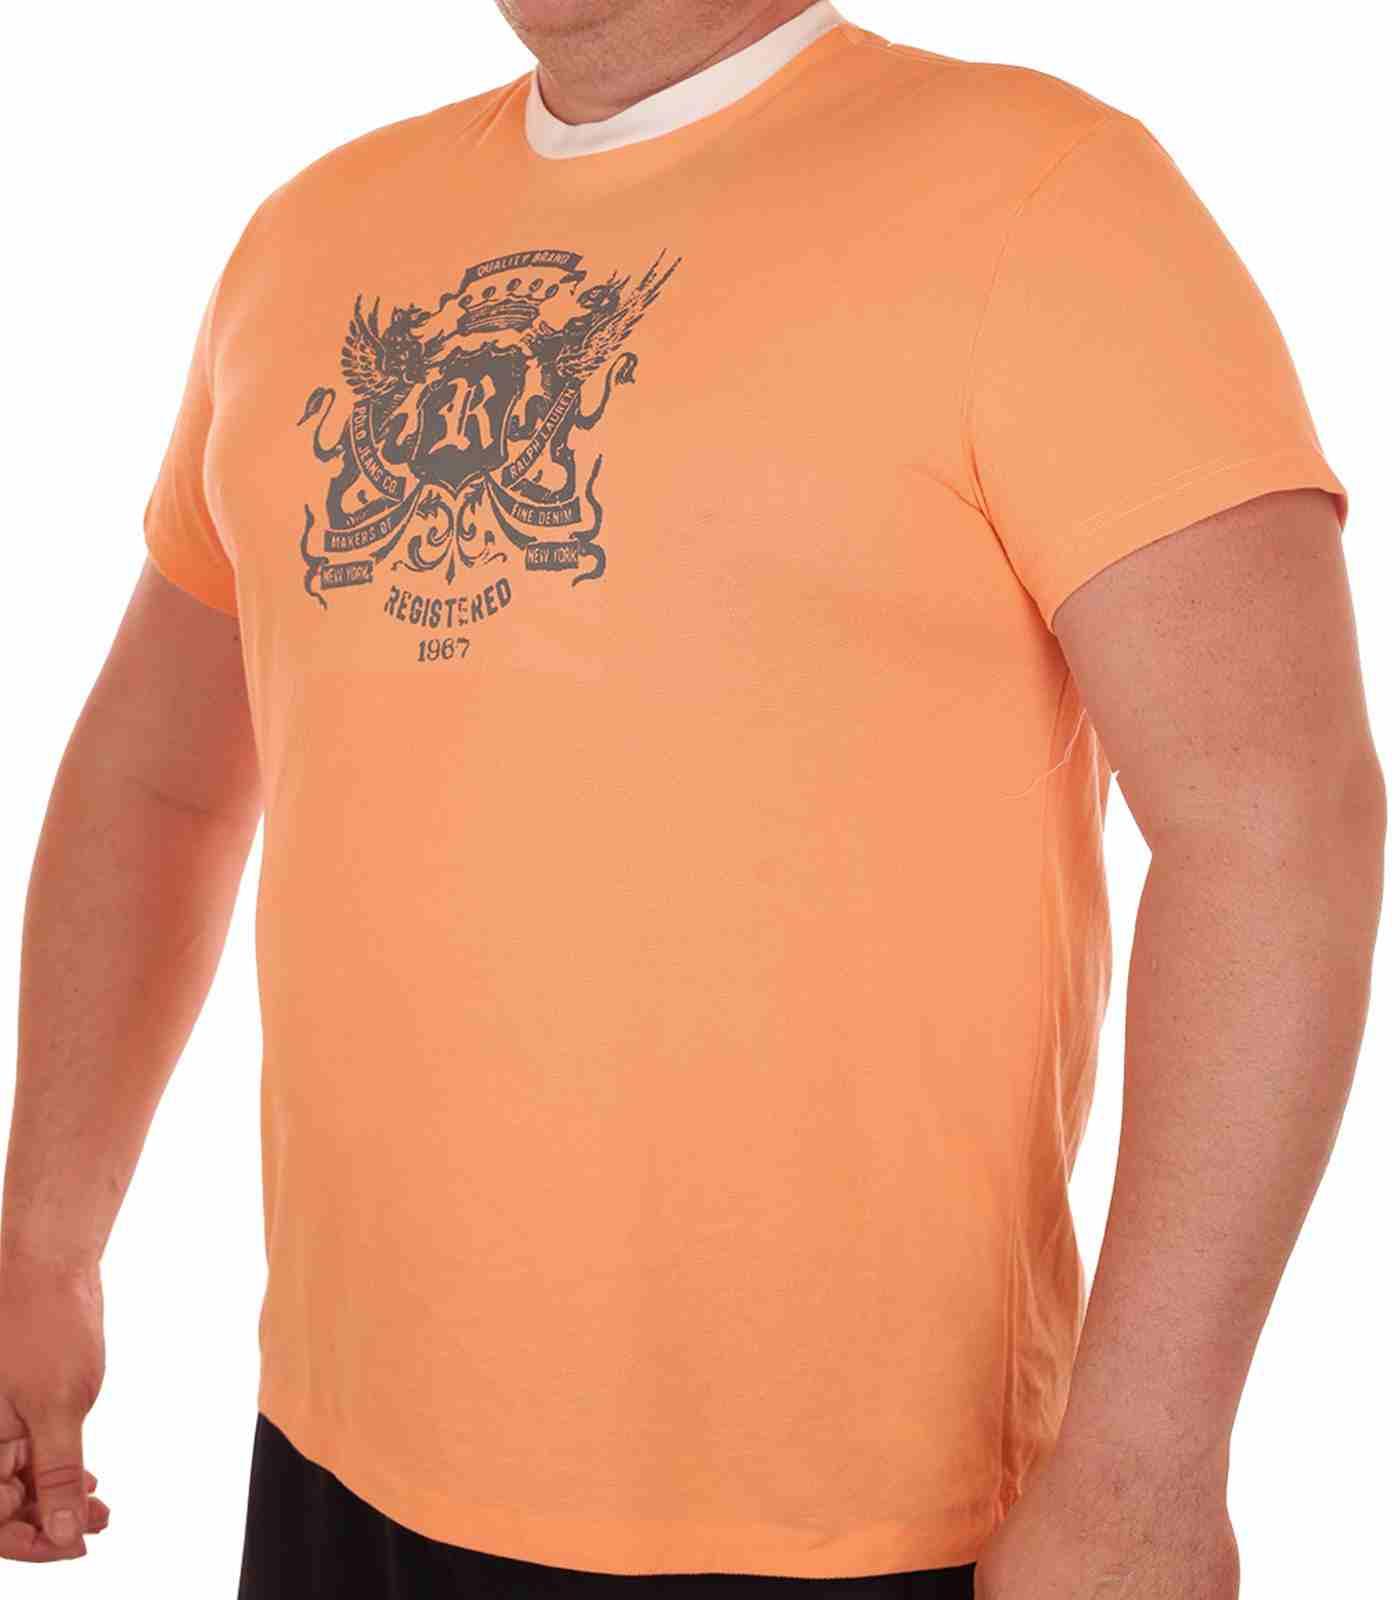 Молодёжная футболка из США от Ralph Lauren-главная